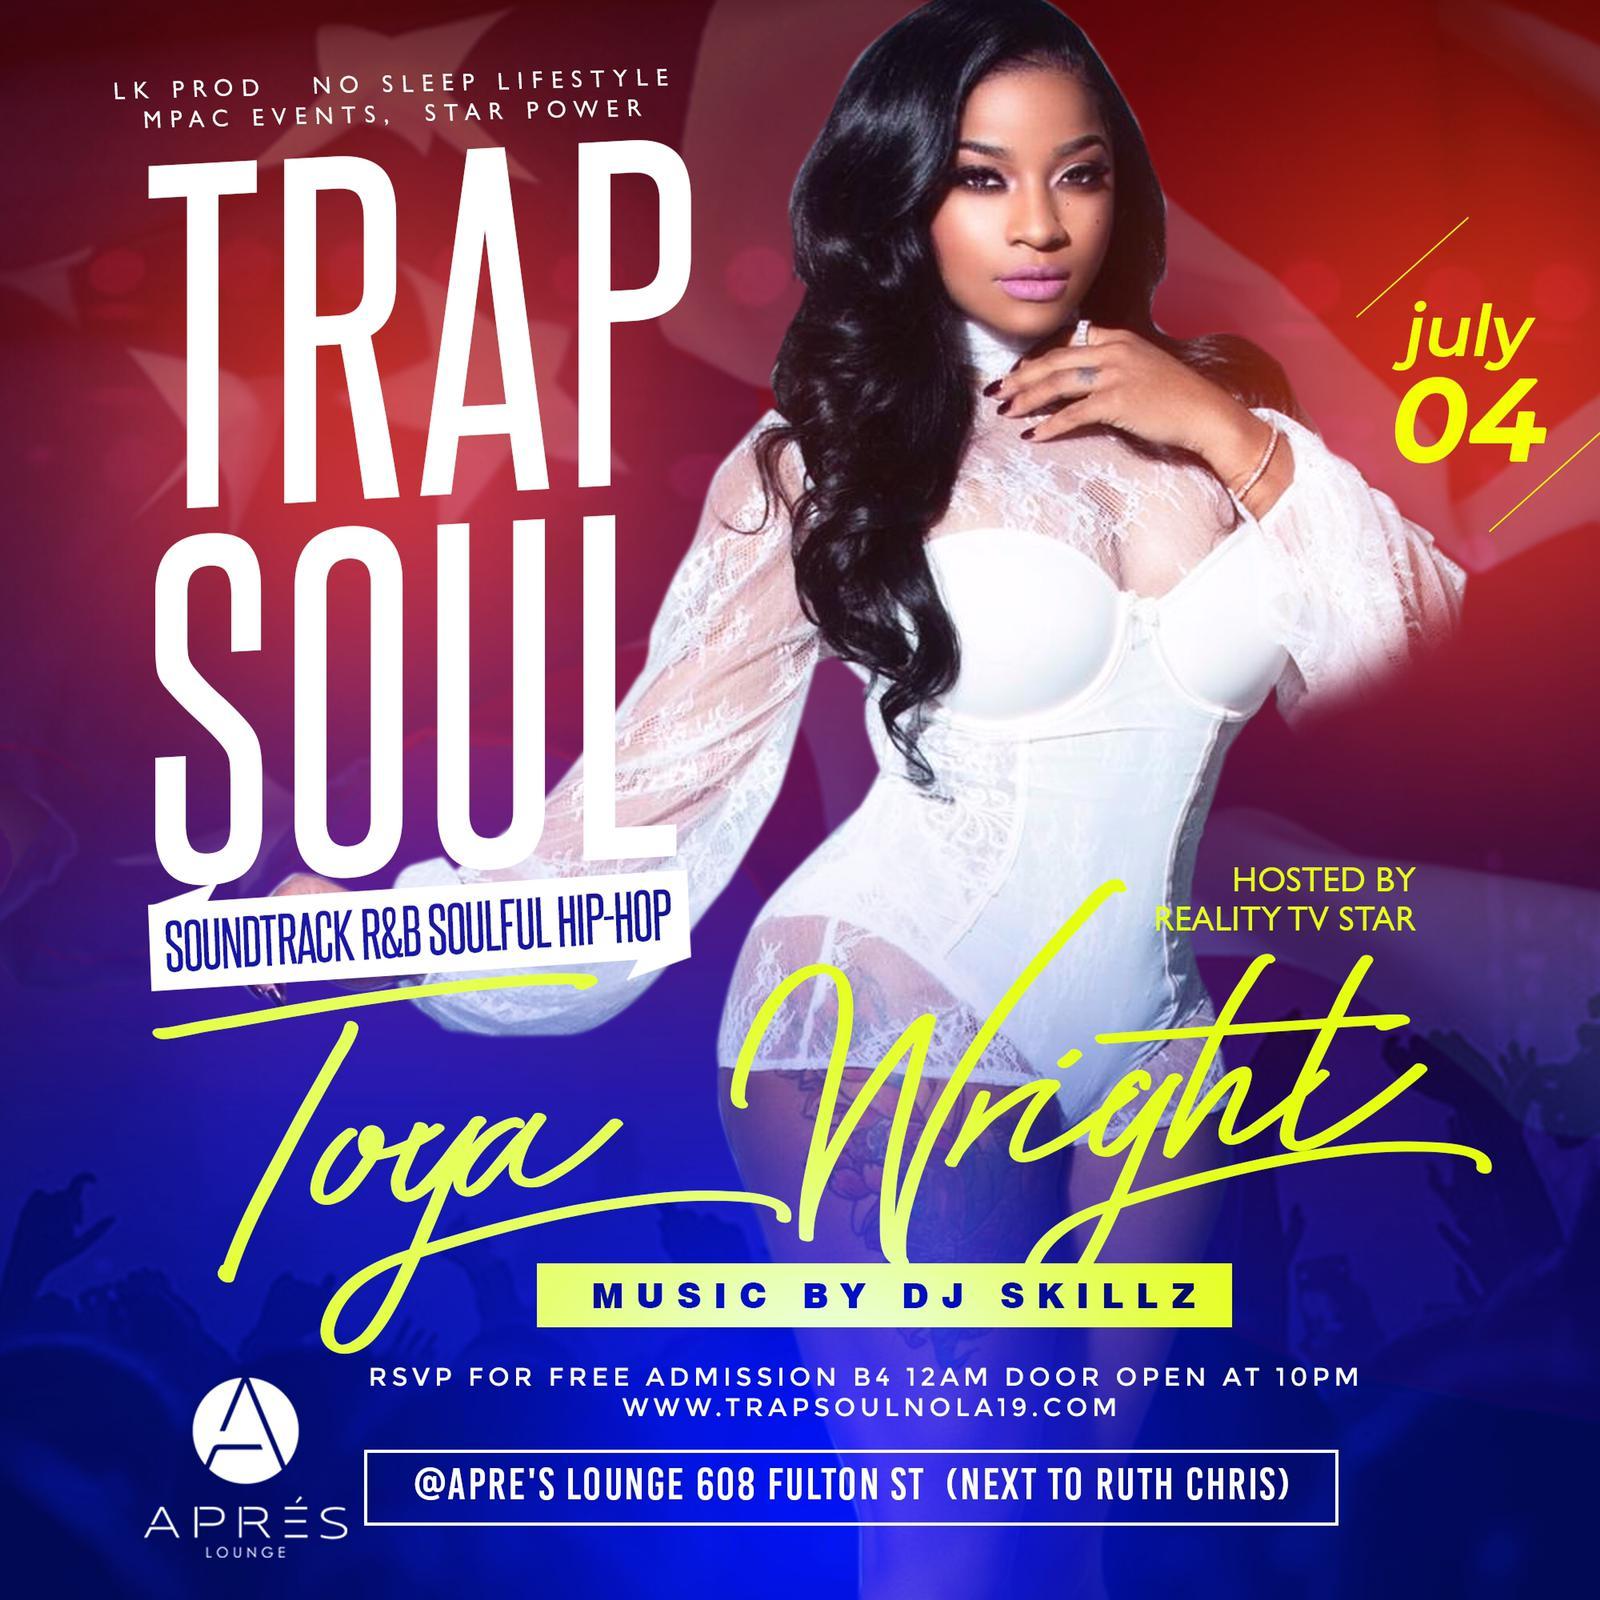 Trap Soul Soundtrack R&B + Soulful Hip Hop